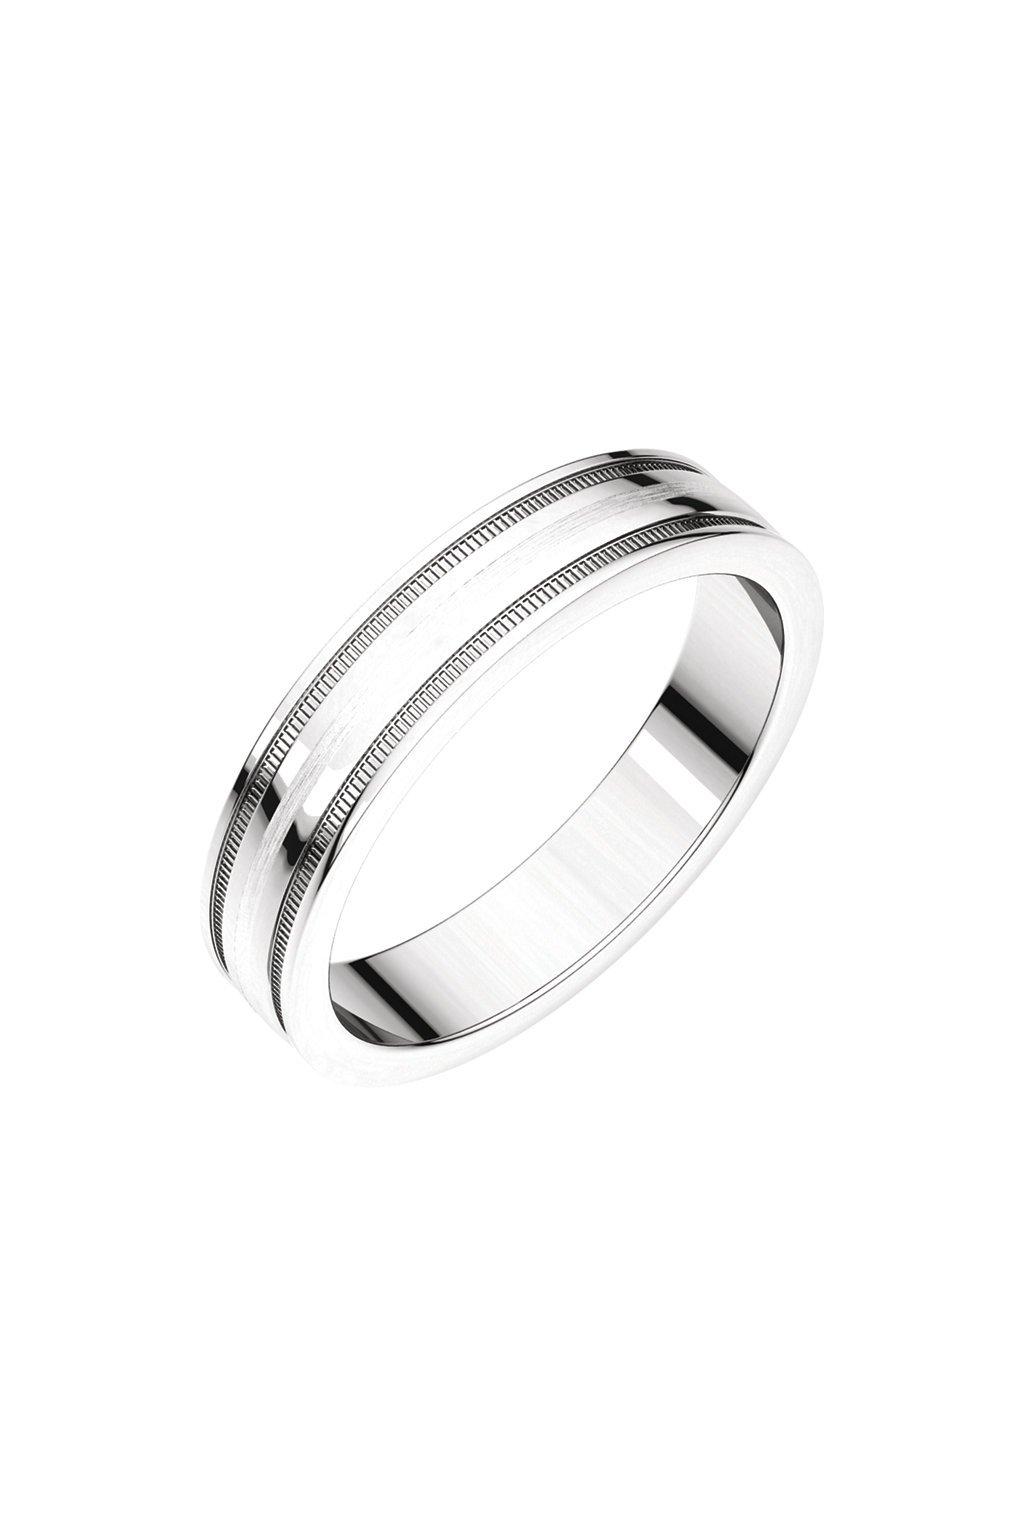 Snubní prsteny Satin Milgrain